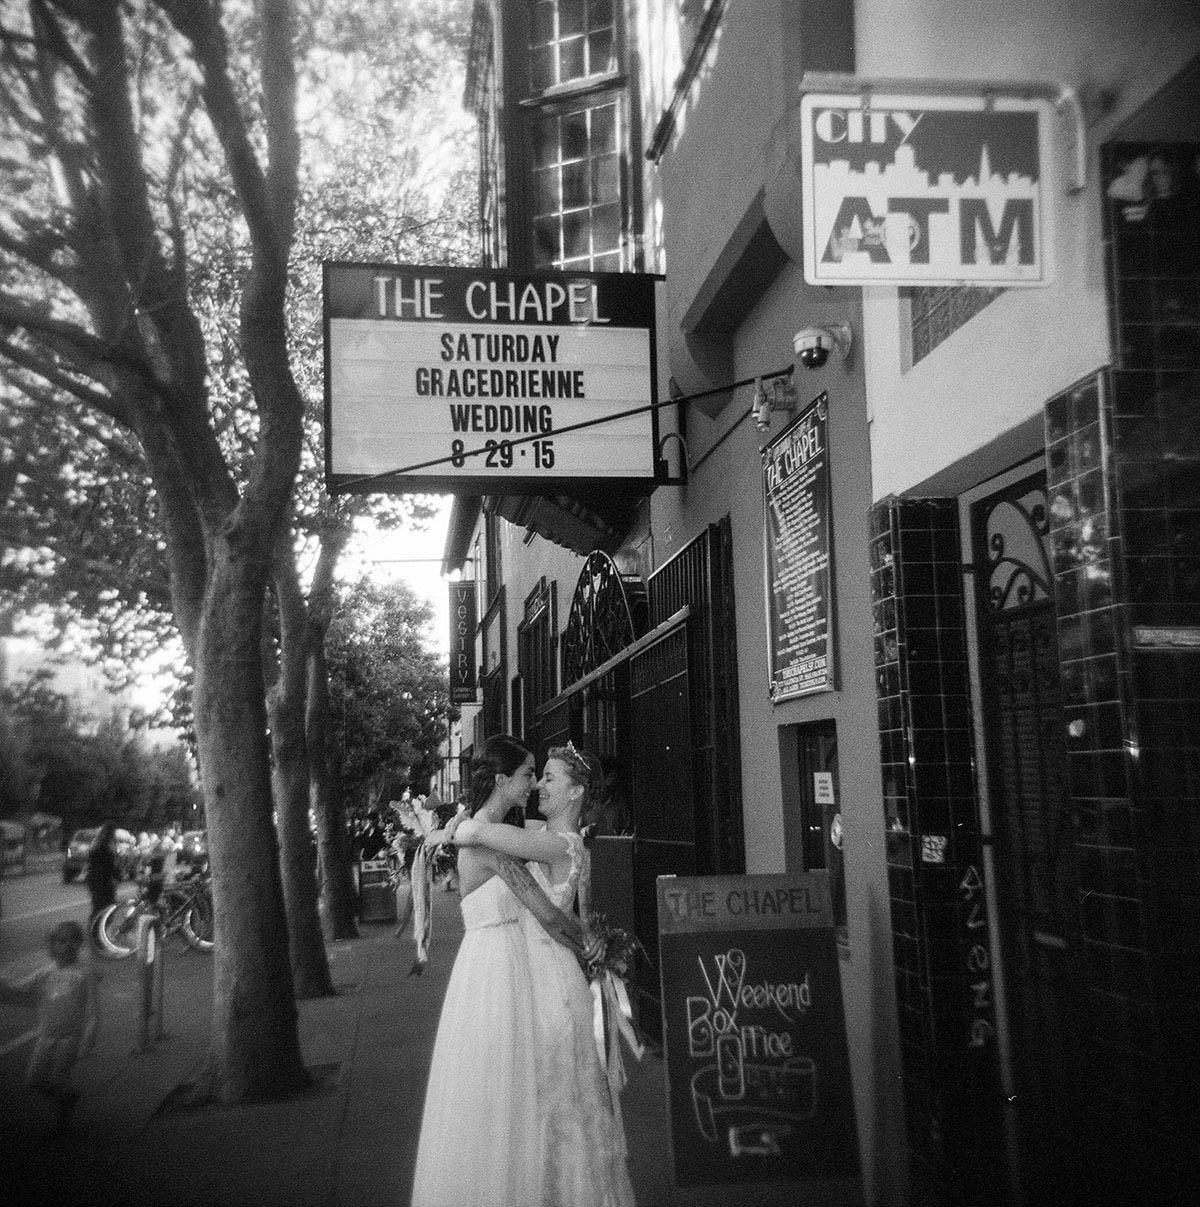 11-lesbian-wedding-marquee-sign.jpg